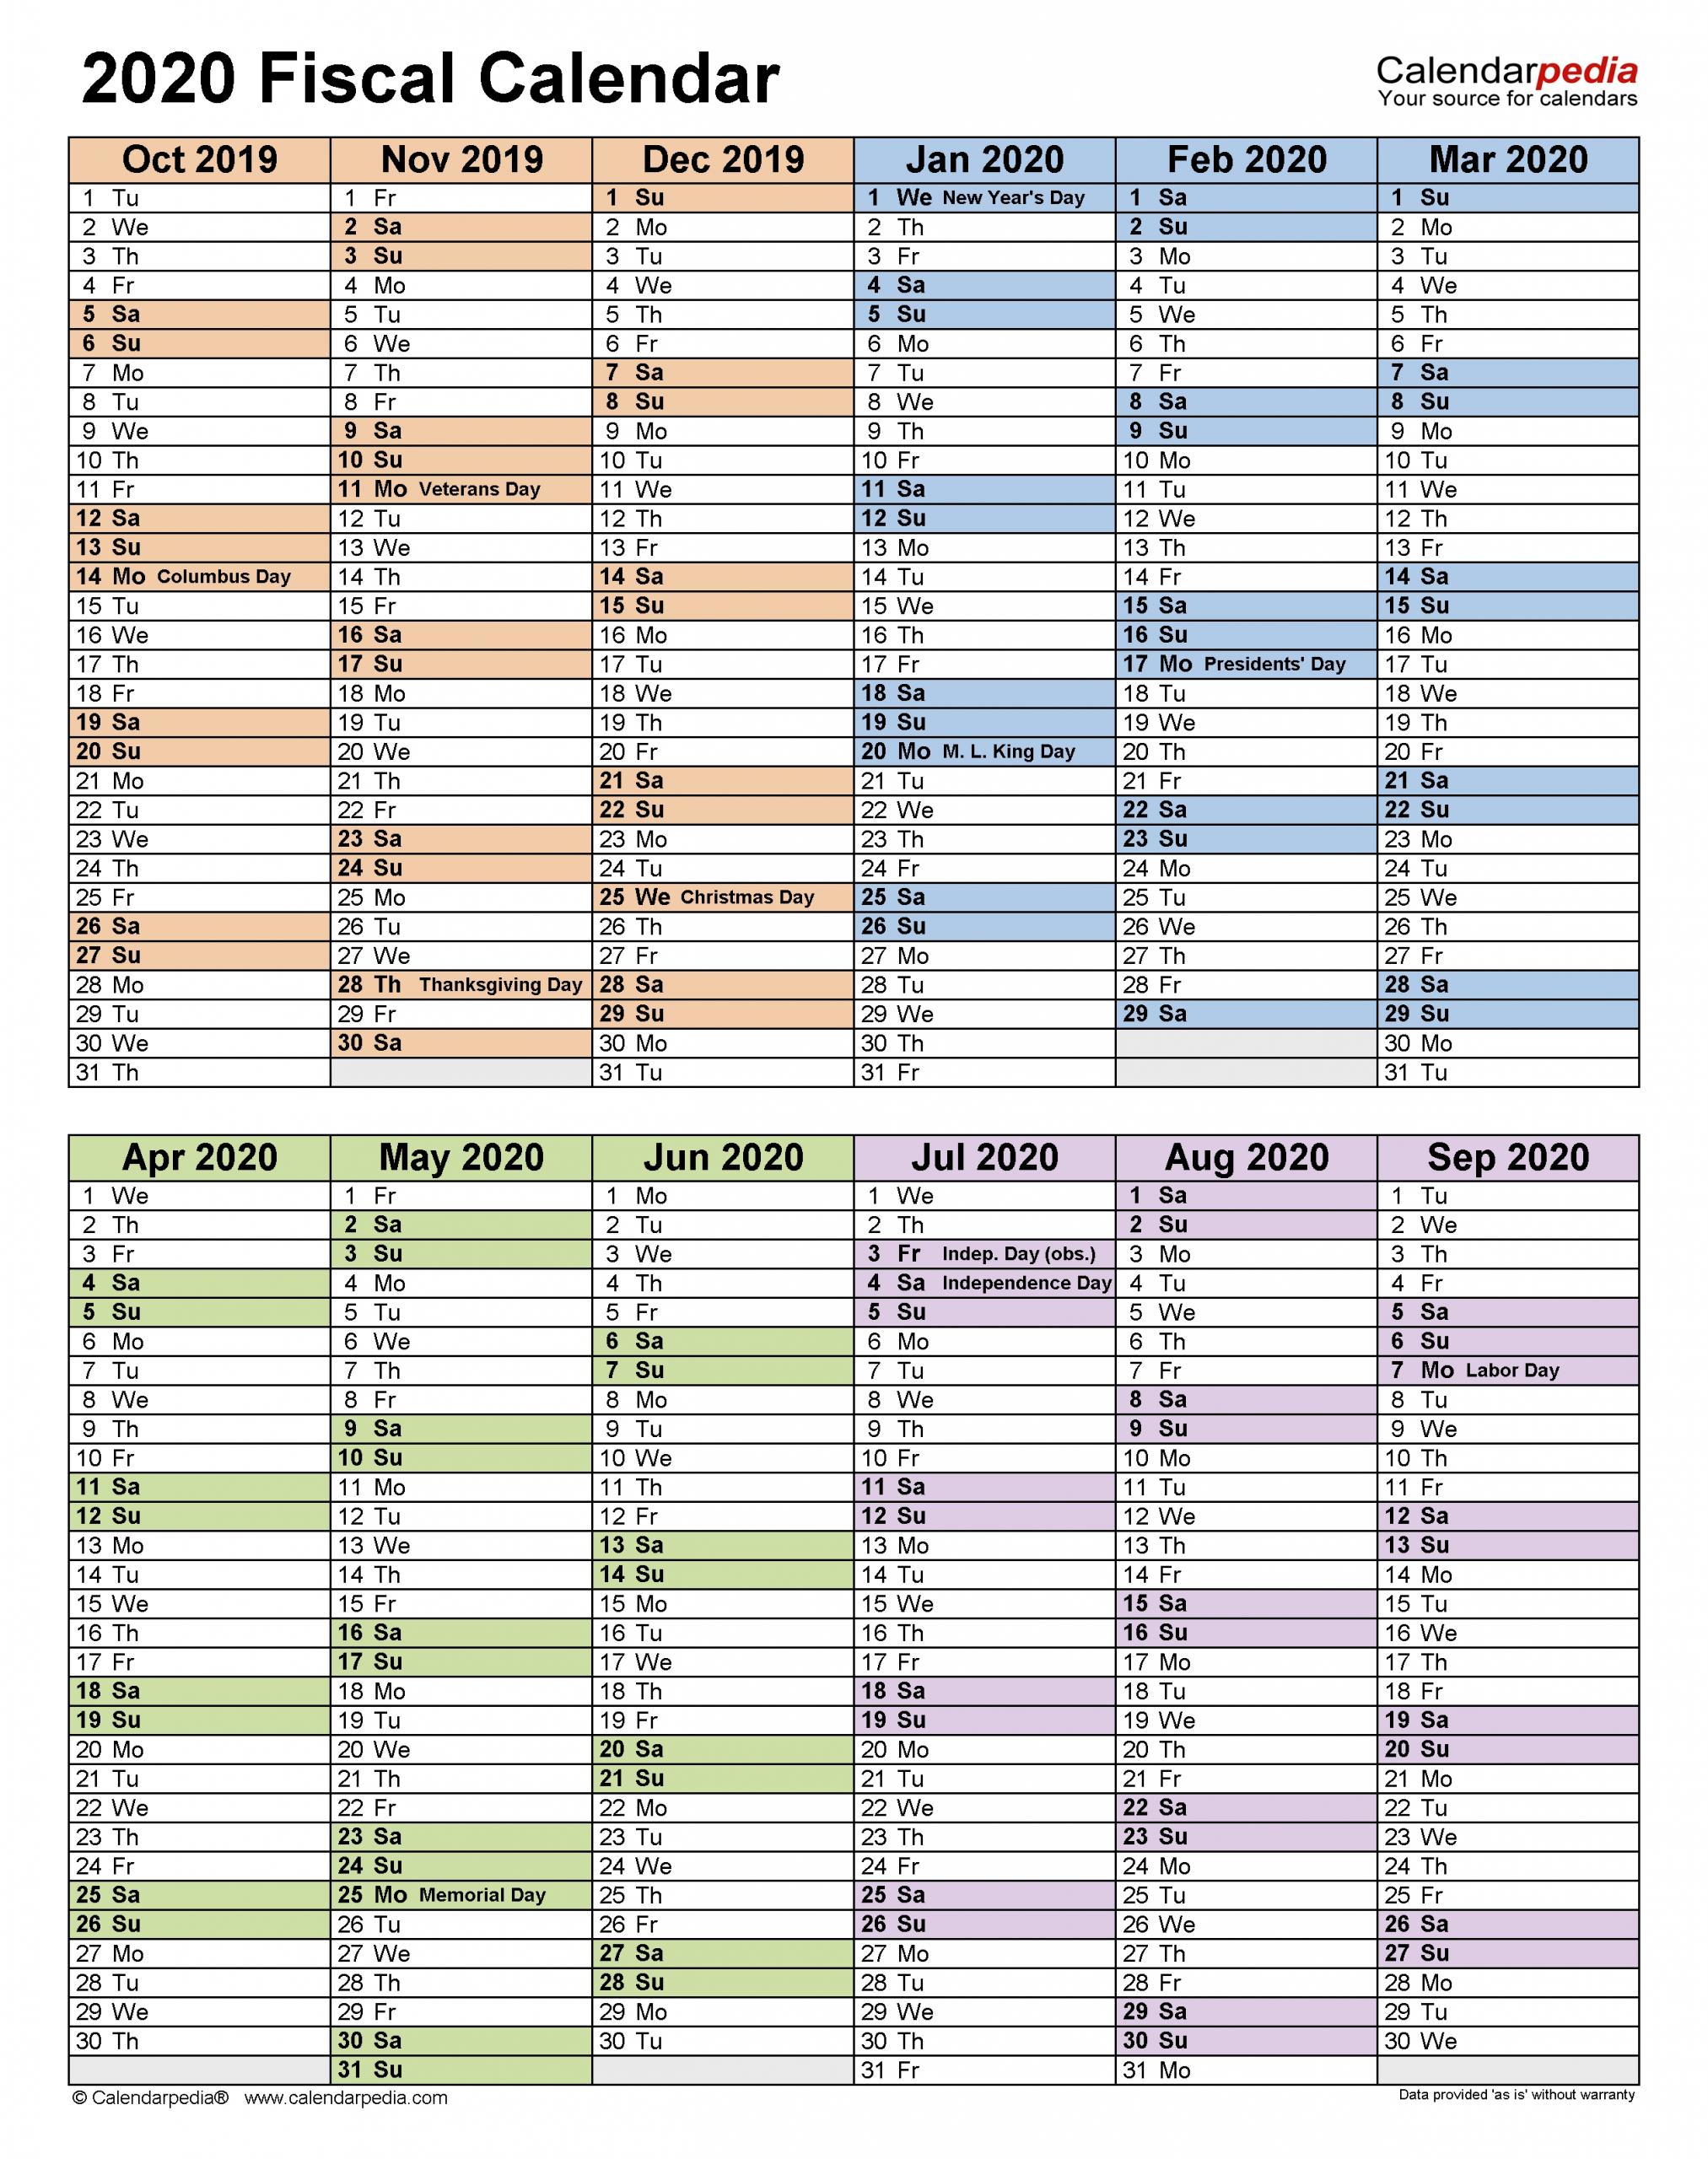 Catch Week 29 In Financial Year